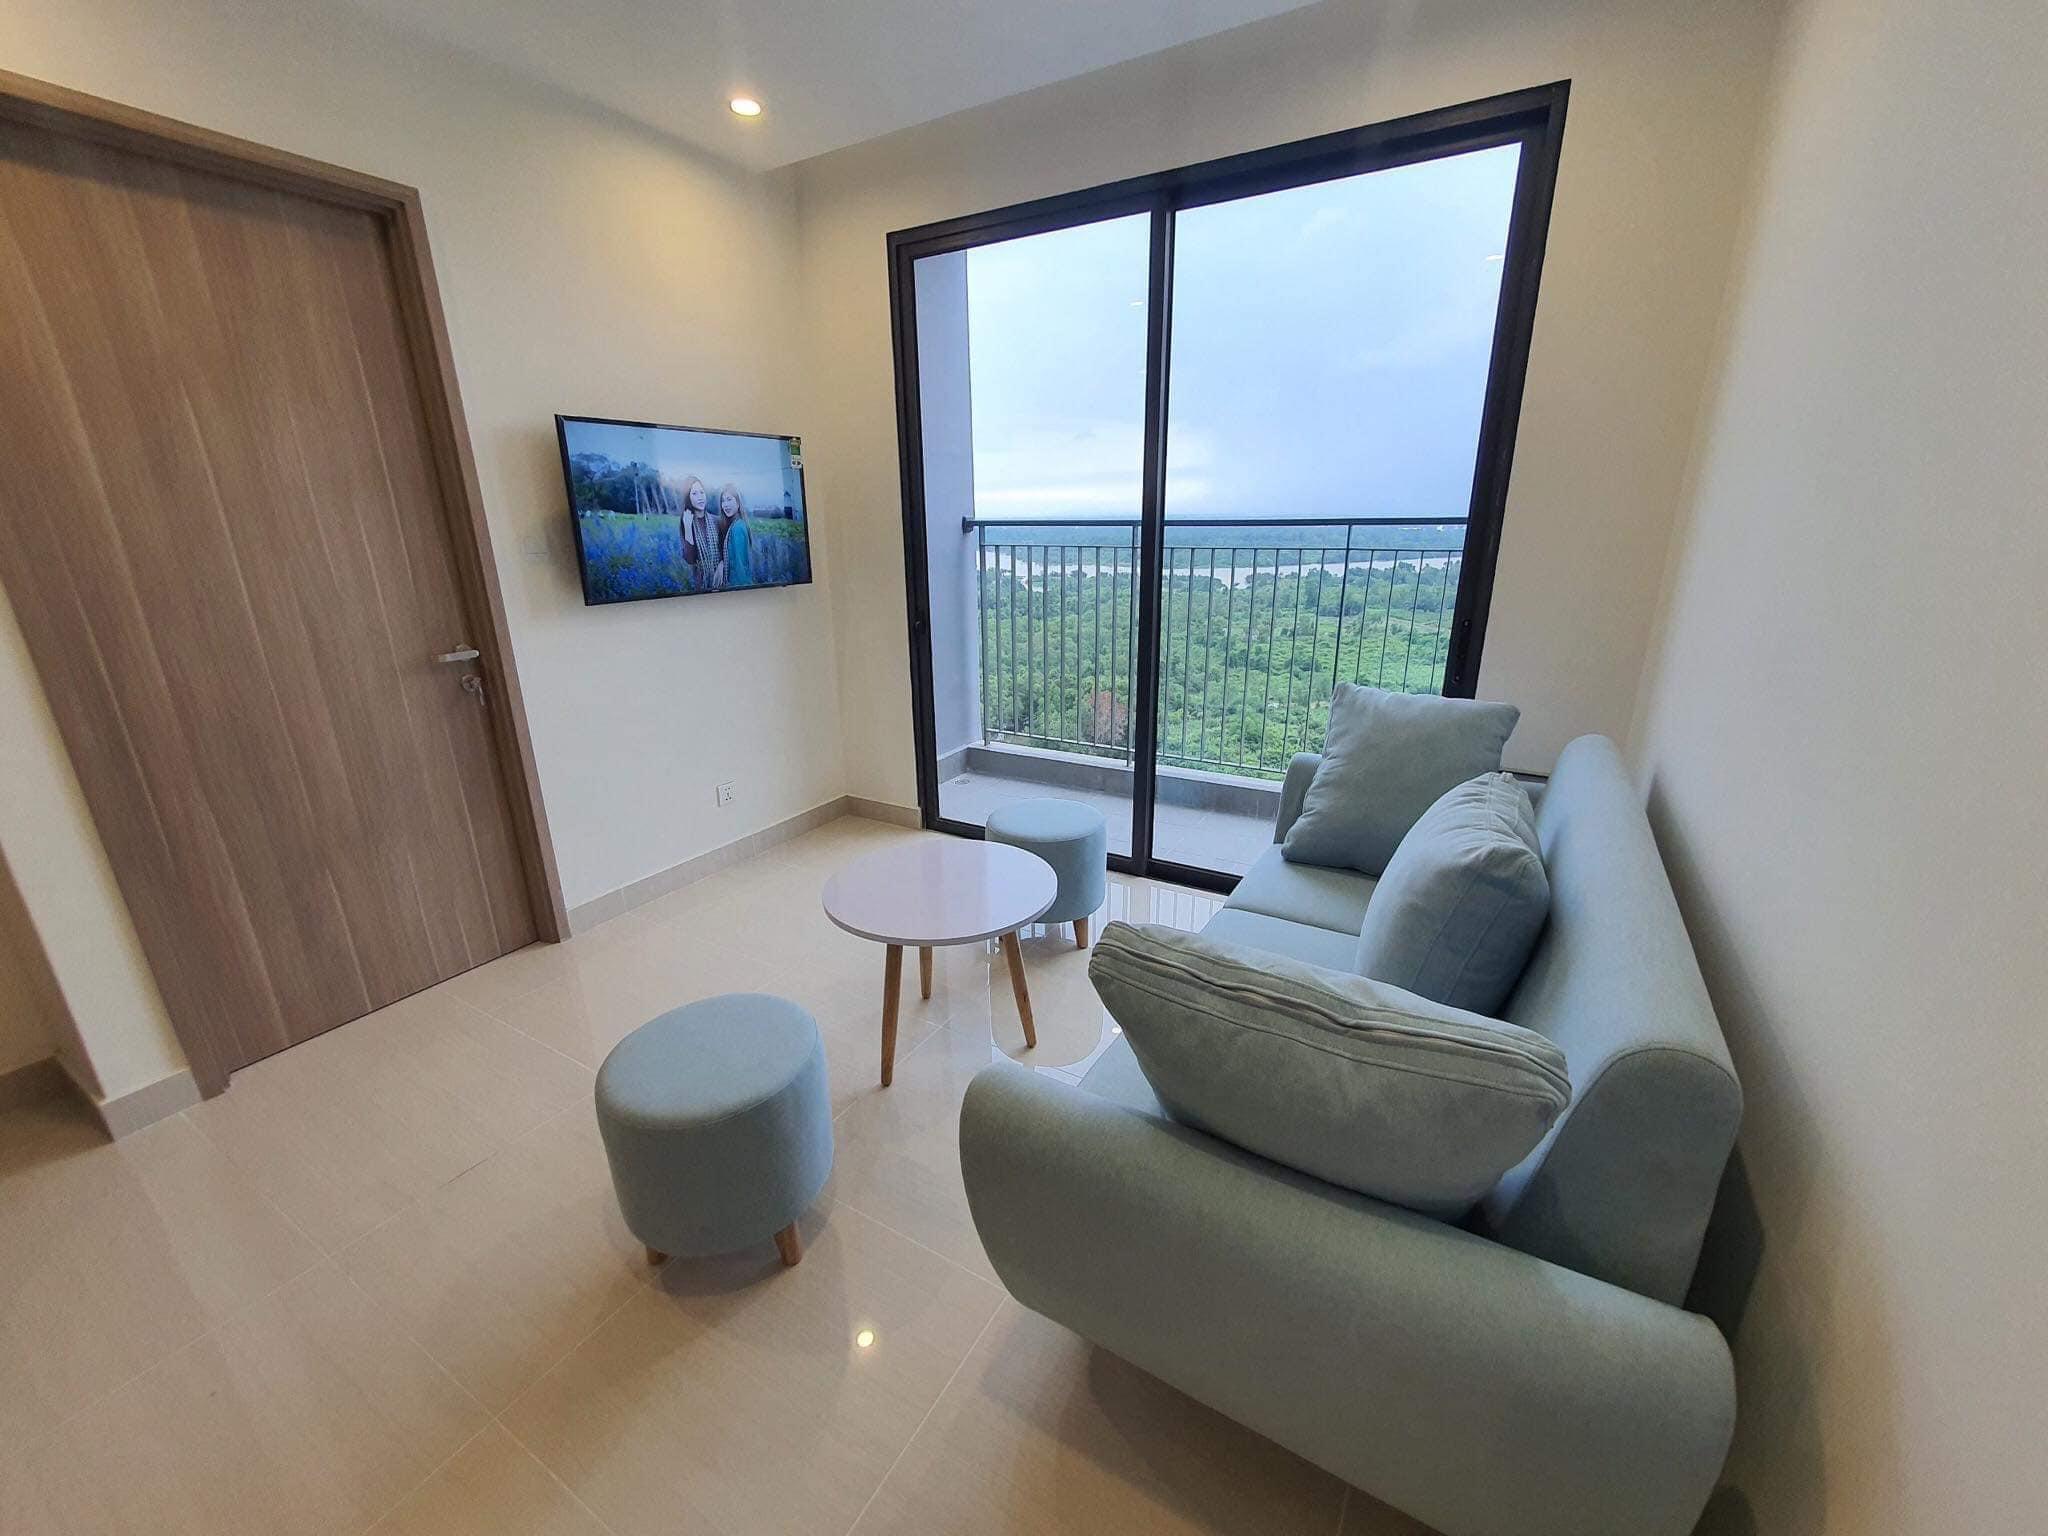 Căn hộ 2 phòng ngủ tầng 8 toà S1.06 đầy đủ nội thất giá 7,2tr/tháng 1